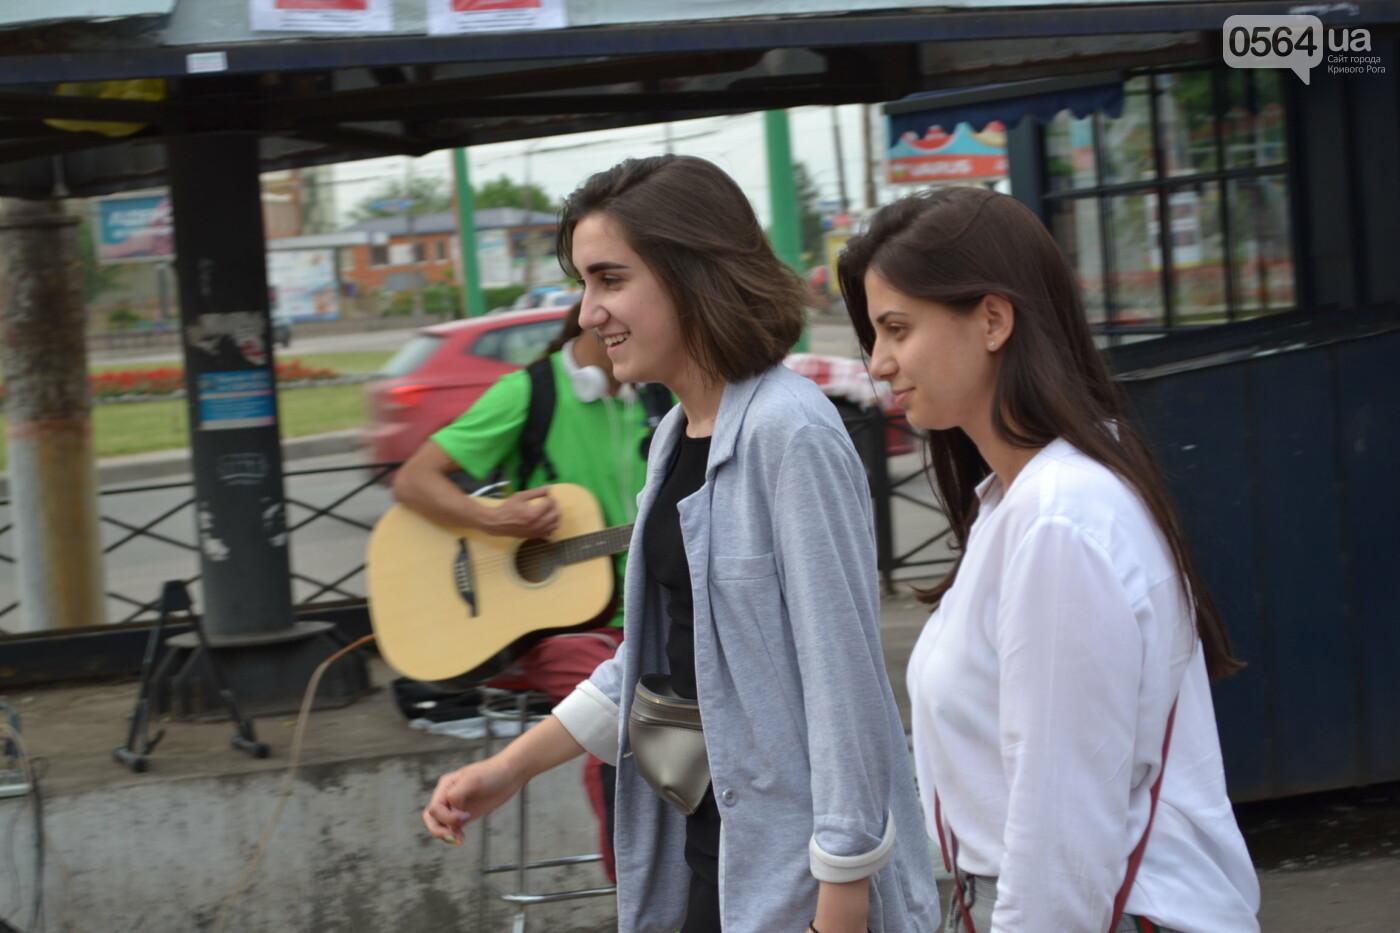 Концерт от Madisan Rock Club: криворожские музыканты поддержали юную Алину Михалковскую, - ФОТО, ВИДЕО, фото-17